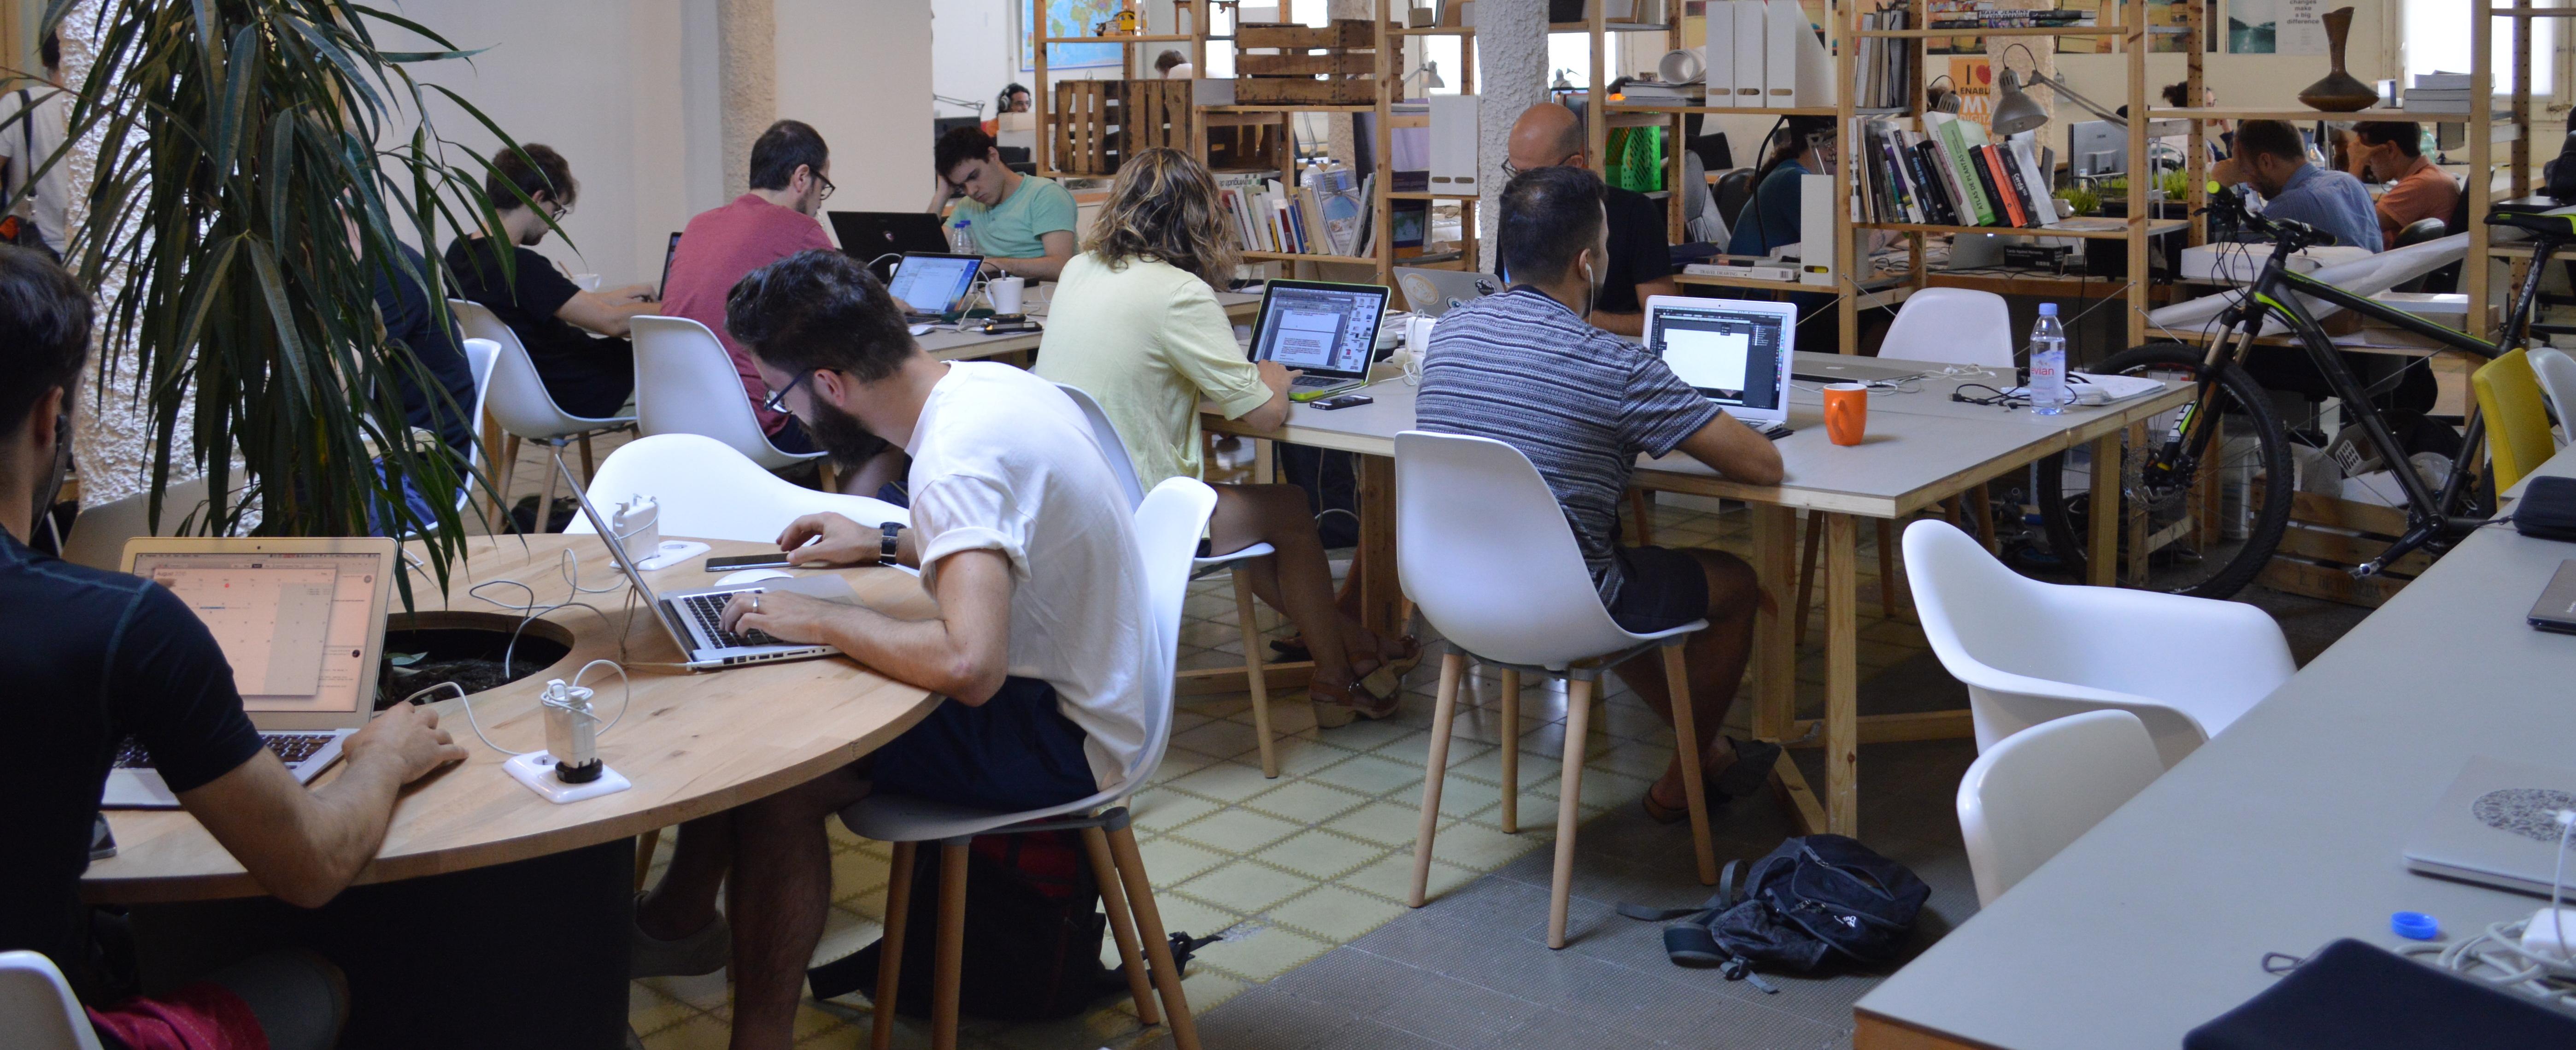 PRO workspace in Barcelona